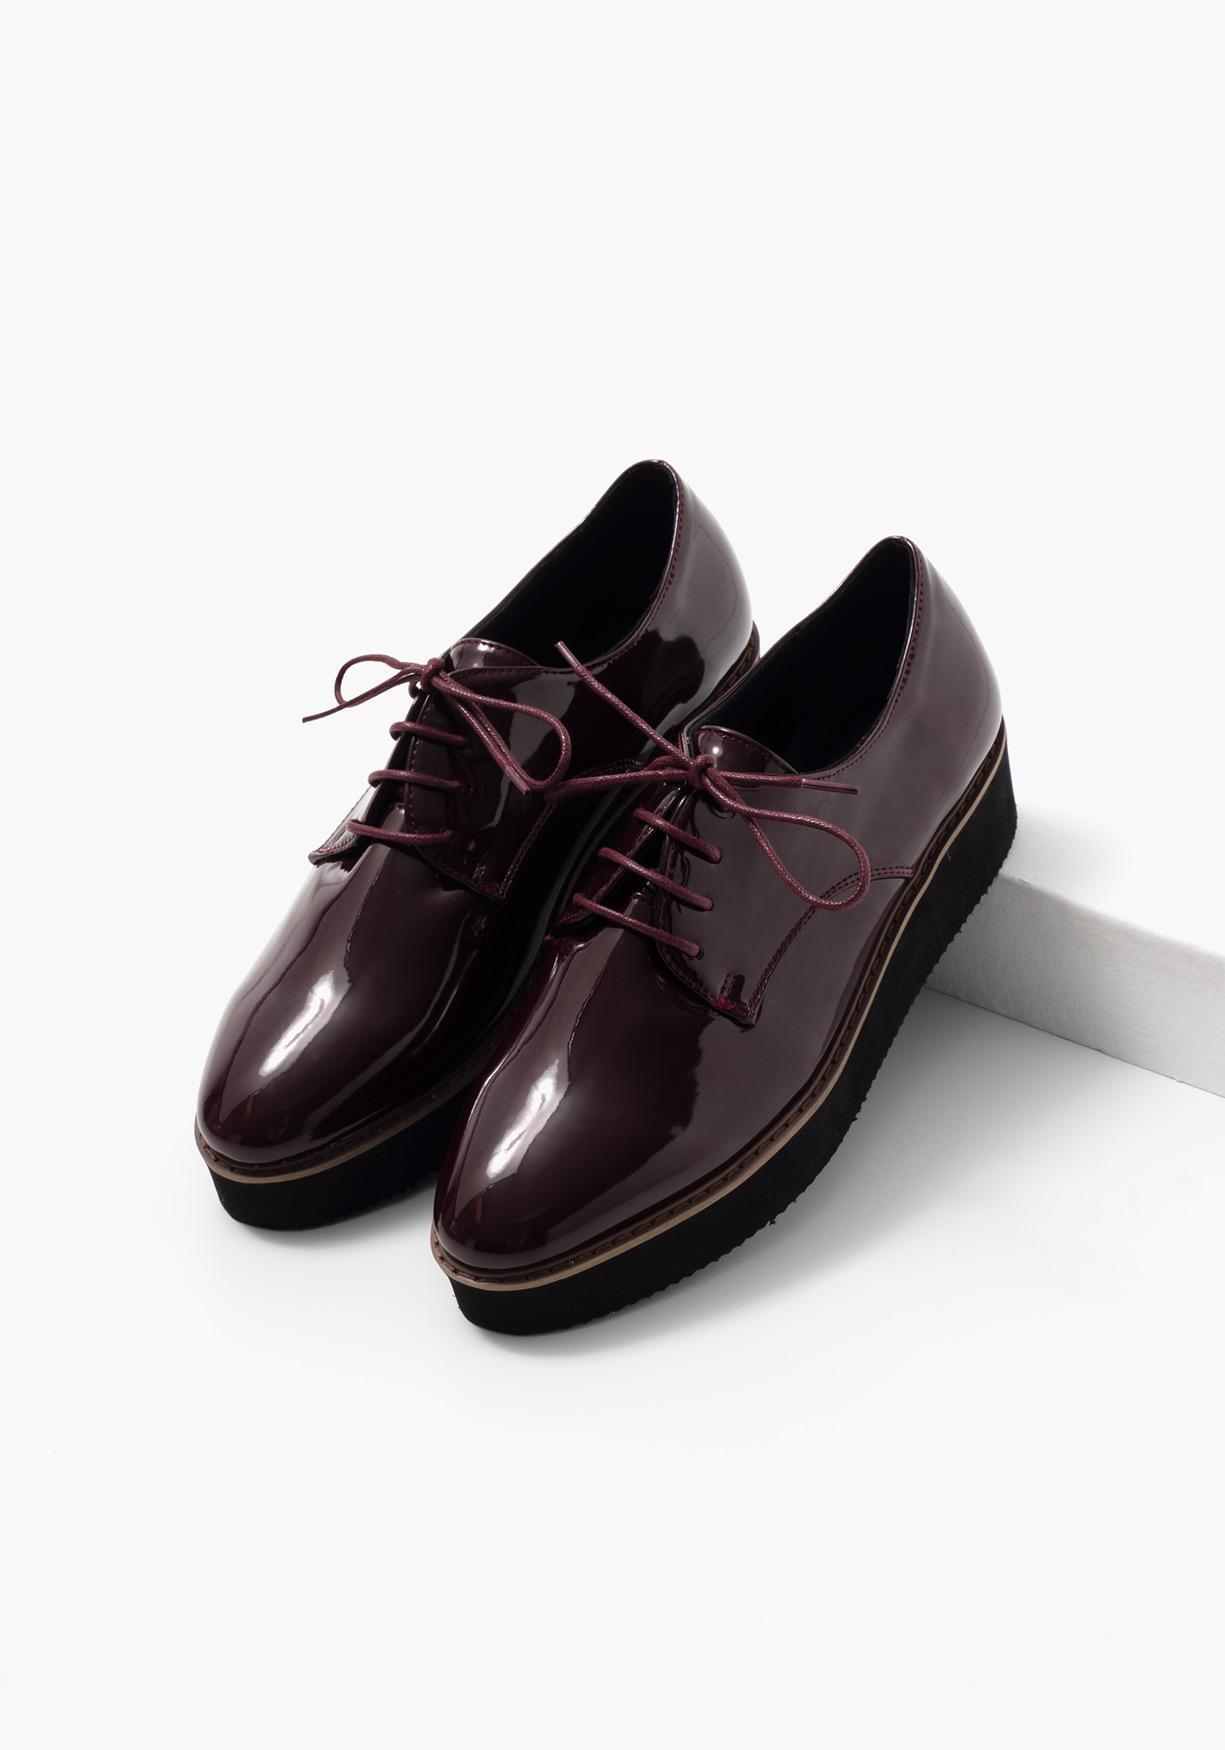 Comprar Zapatos de charol TEX. ¡Aprovéchate de nuestros precios y ... 72e0e433d030